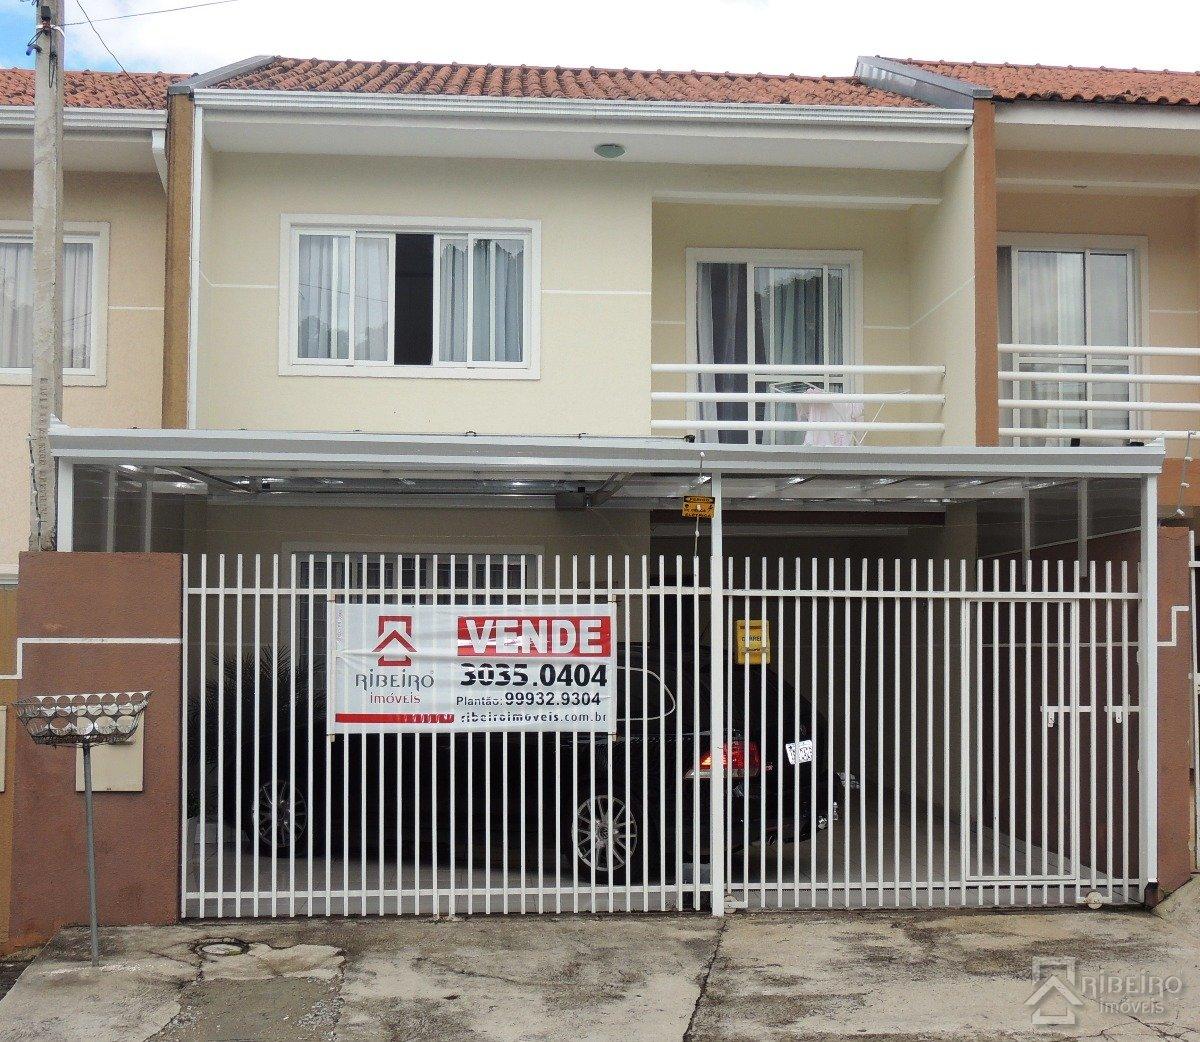 REF. 5362 -  São José Dos Pinhais - Rua  Alfredo Mulhsted Filho, 893 - Sobrado 04